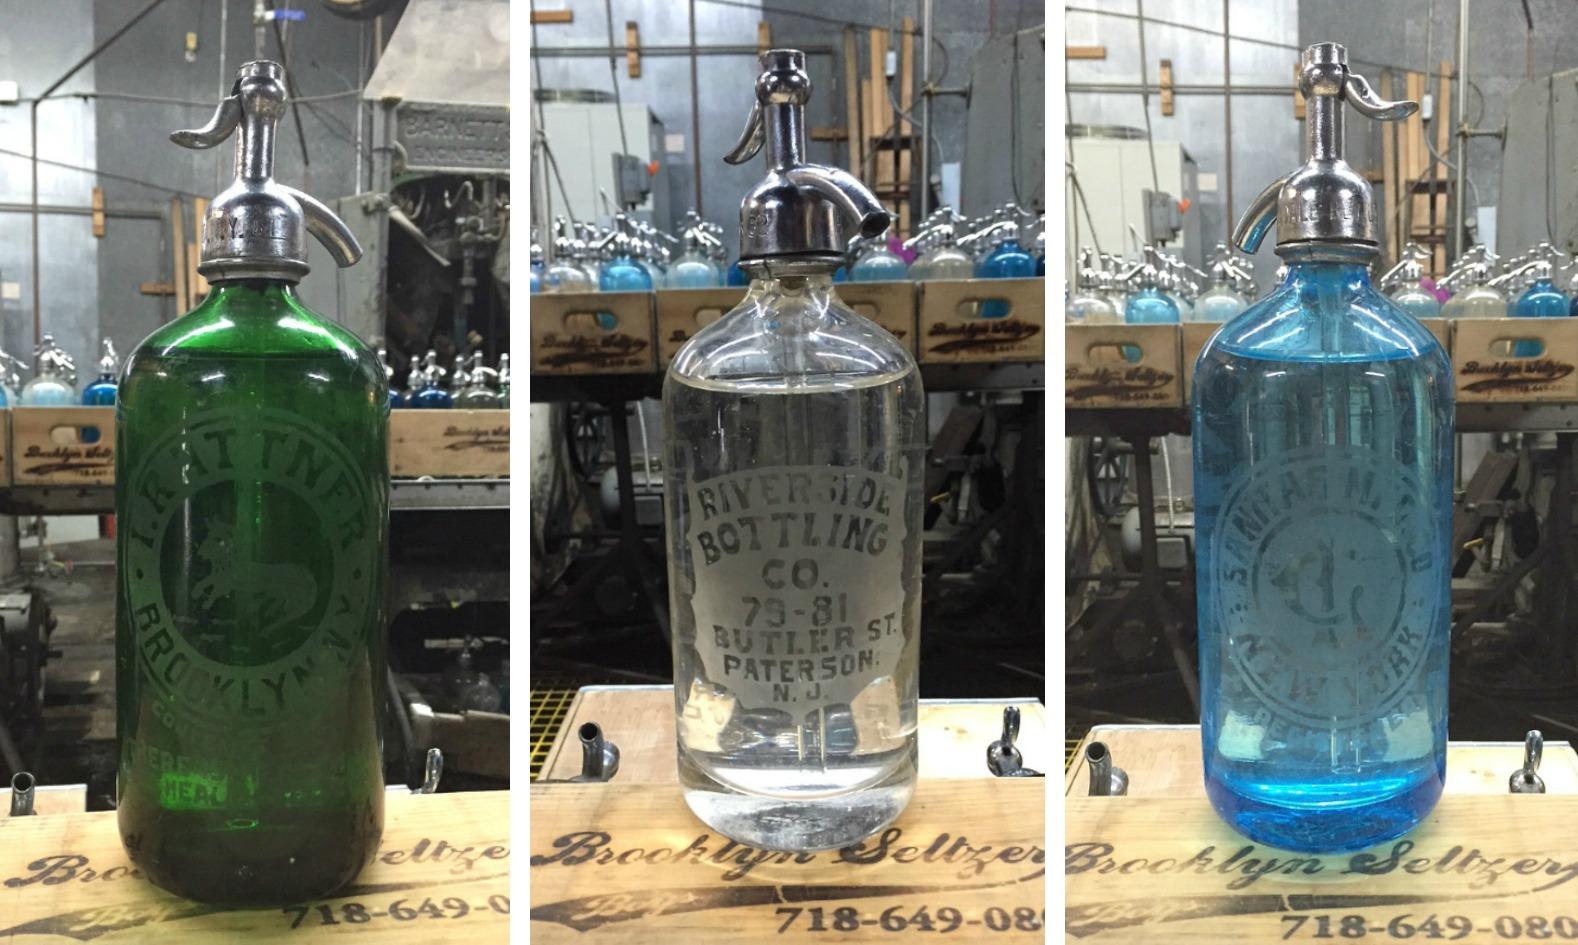 Brooklyn Seltzer Boys-bottles